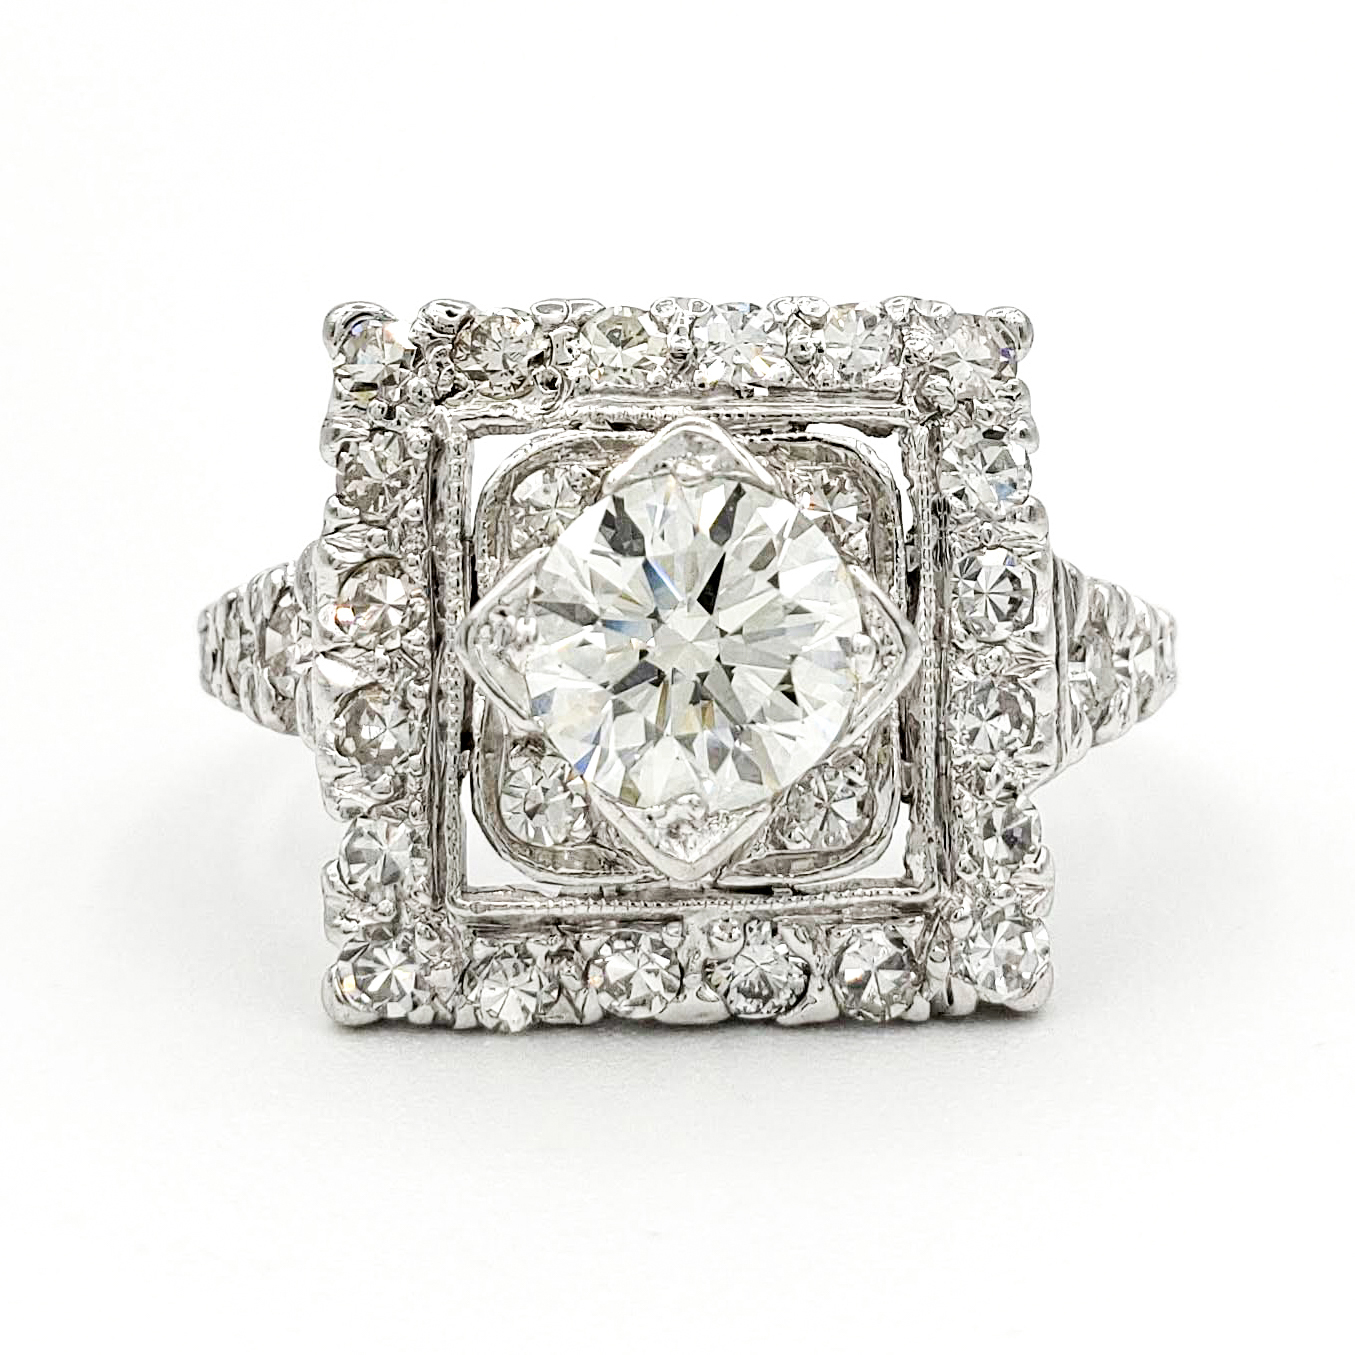 vintage-platinum-engagement-ring-with-0-74-carat-round-brilliant-cut-diamond-egl-h-vs1